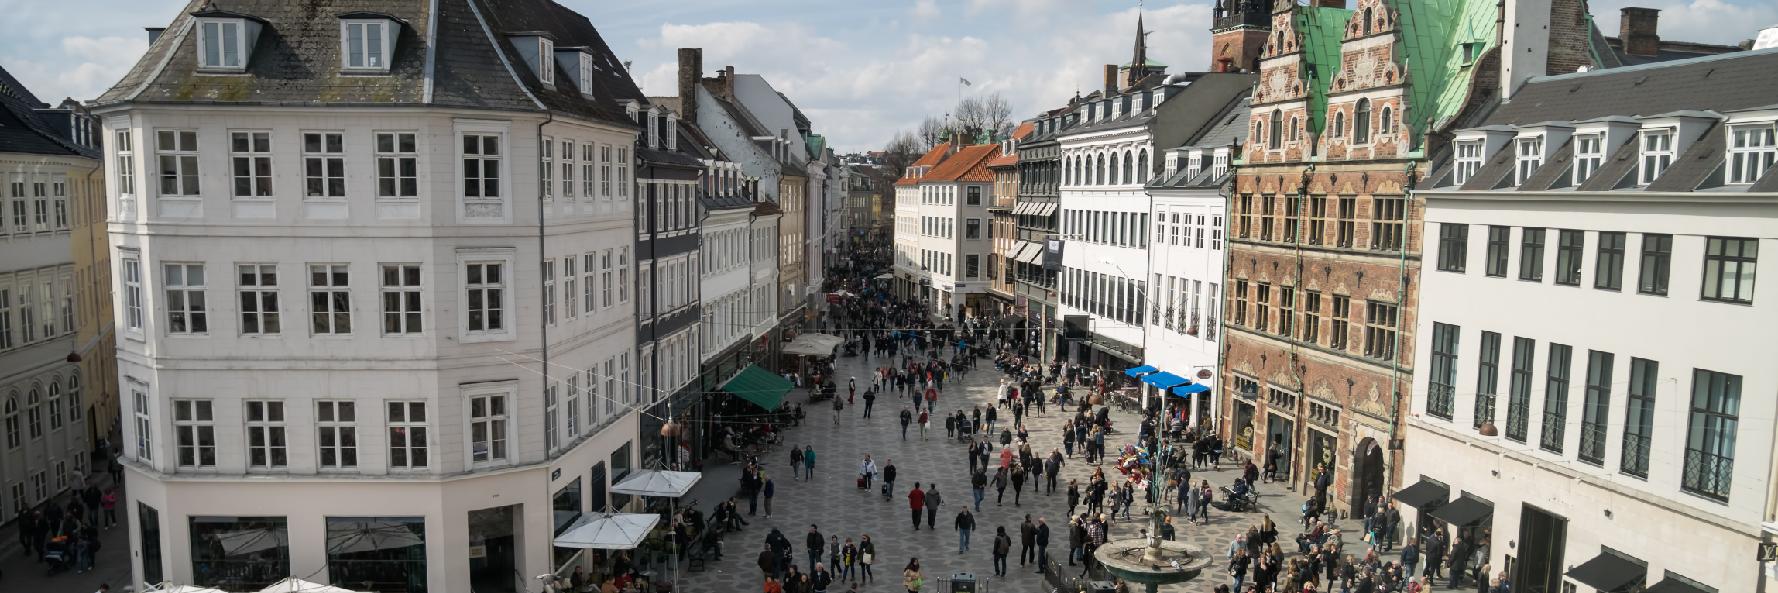 Ville pietonniere Copenhague-01